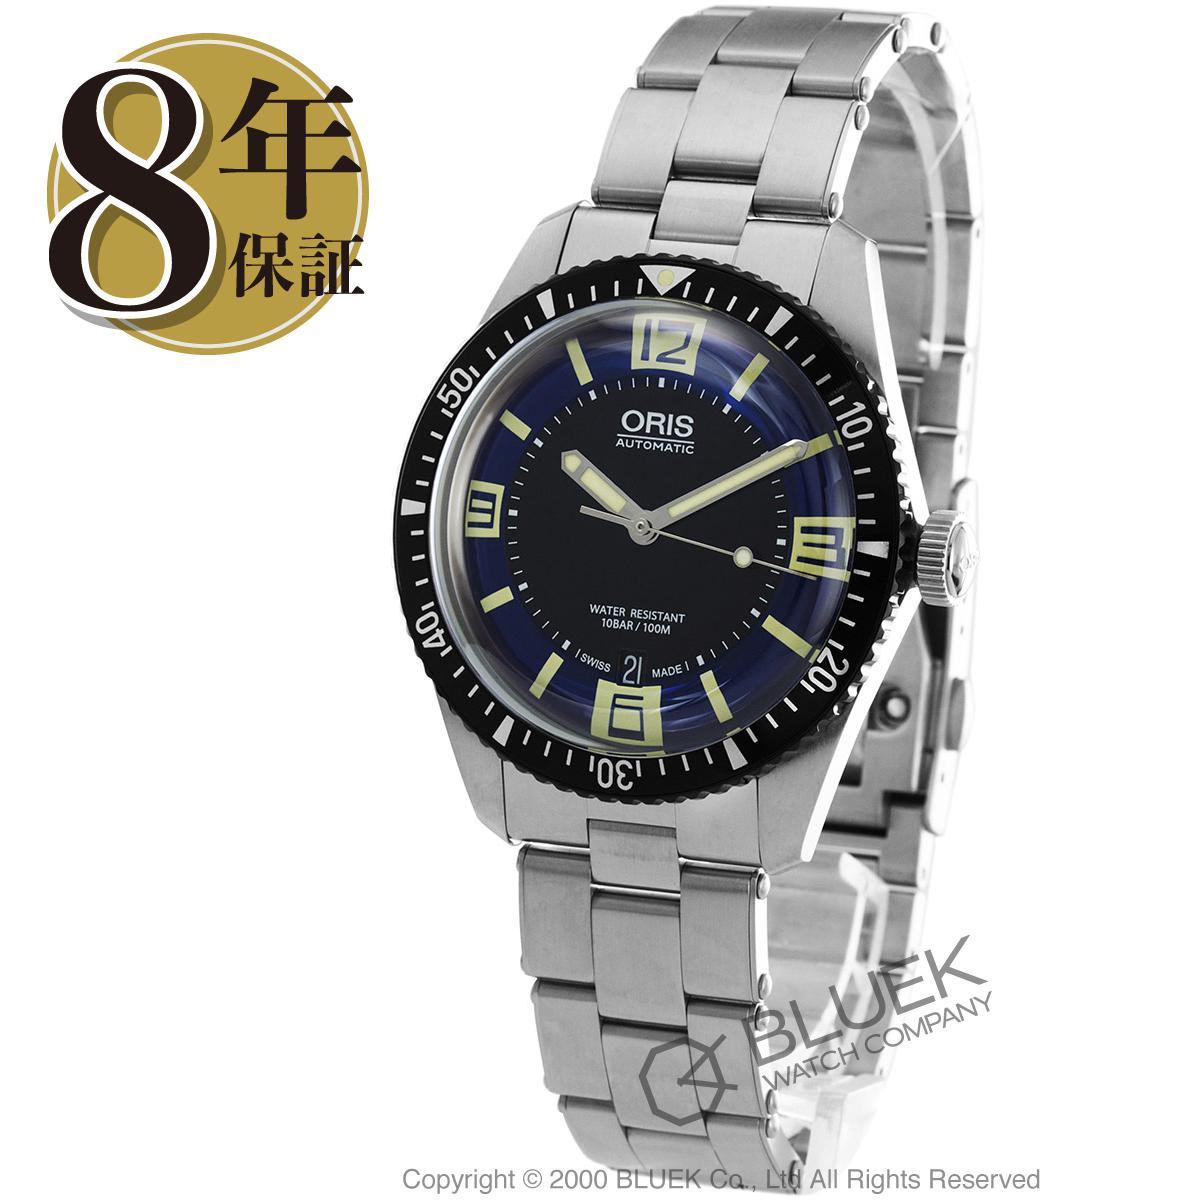 【最大3万円割引クーポン 11/01~】オリス ダイバーズ 65 腕時計 メンズ ORIS 733 7707 4035M_8